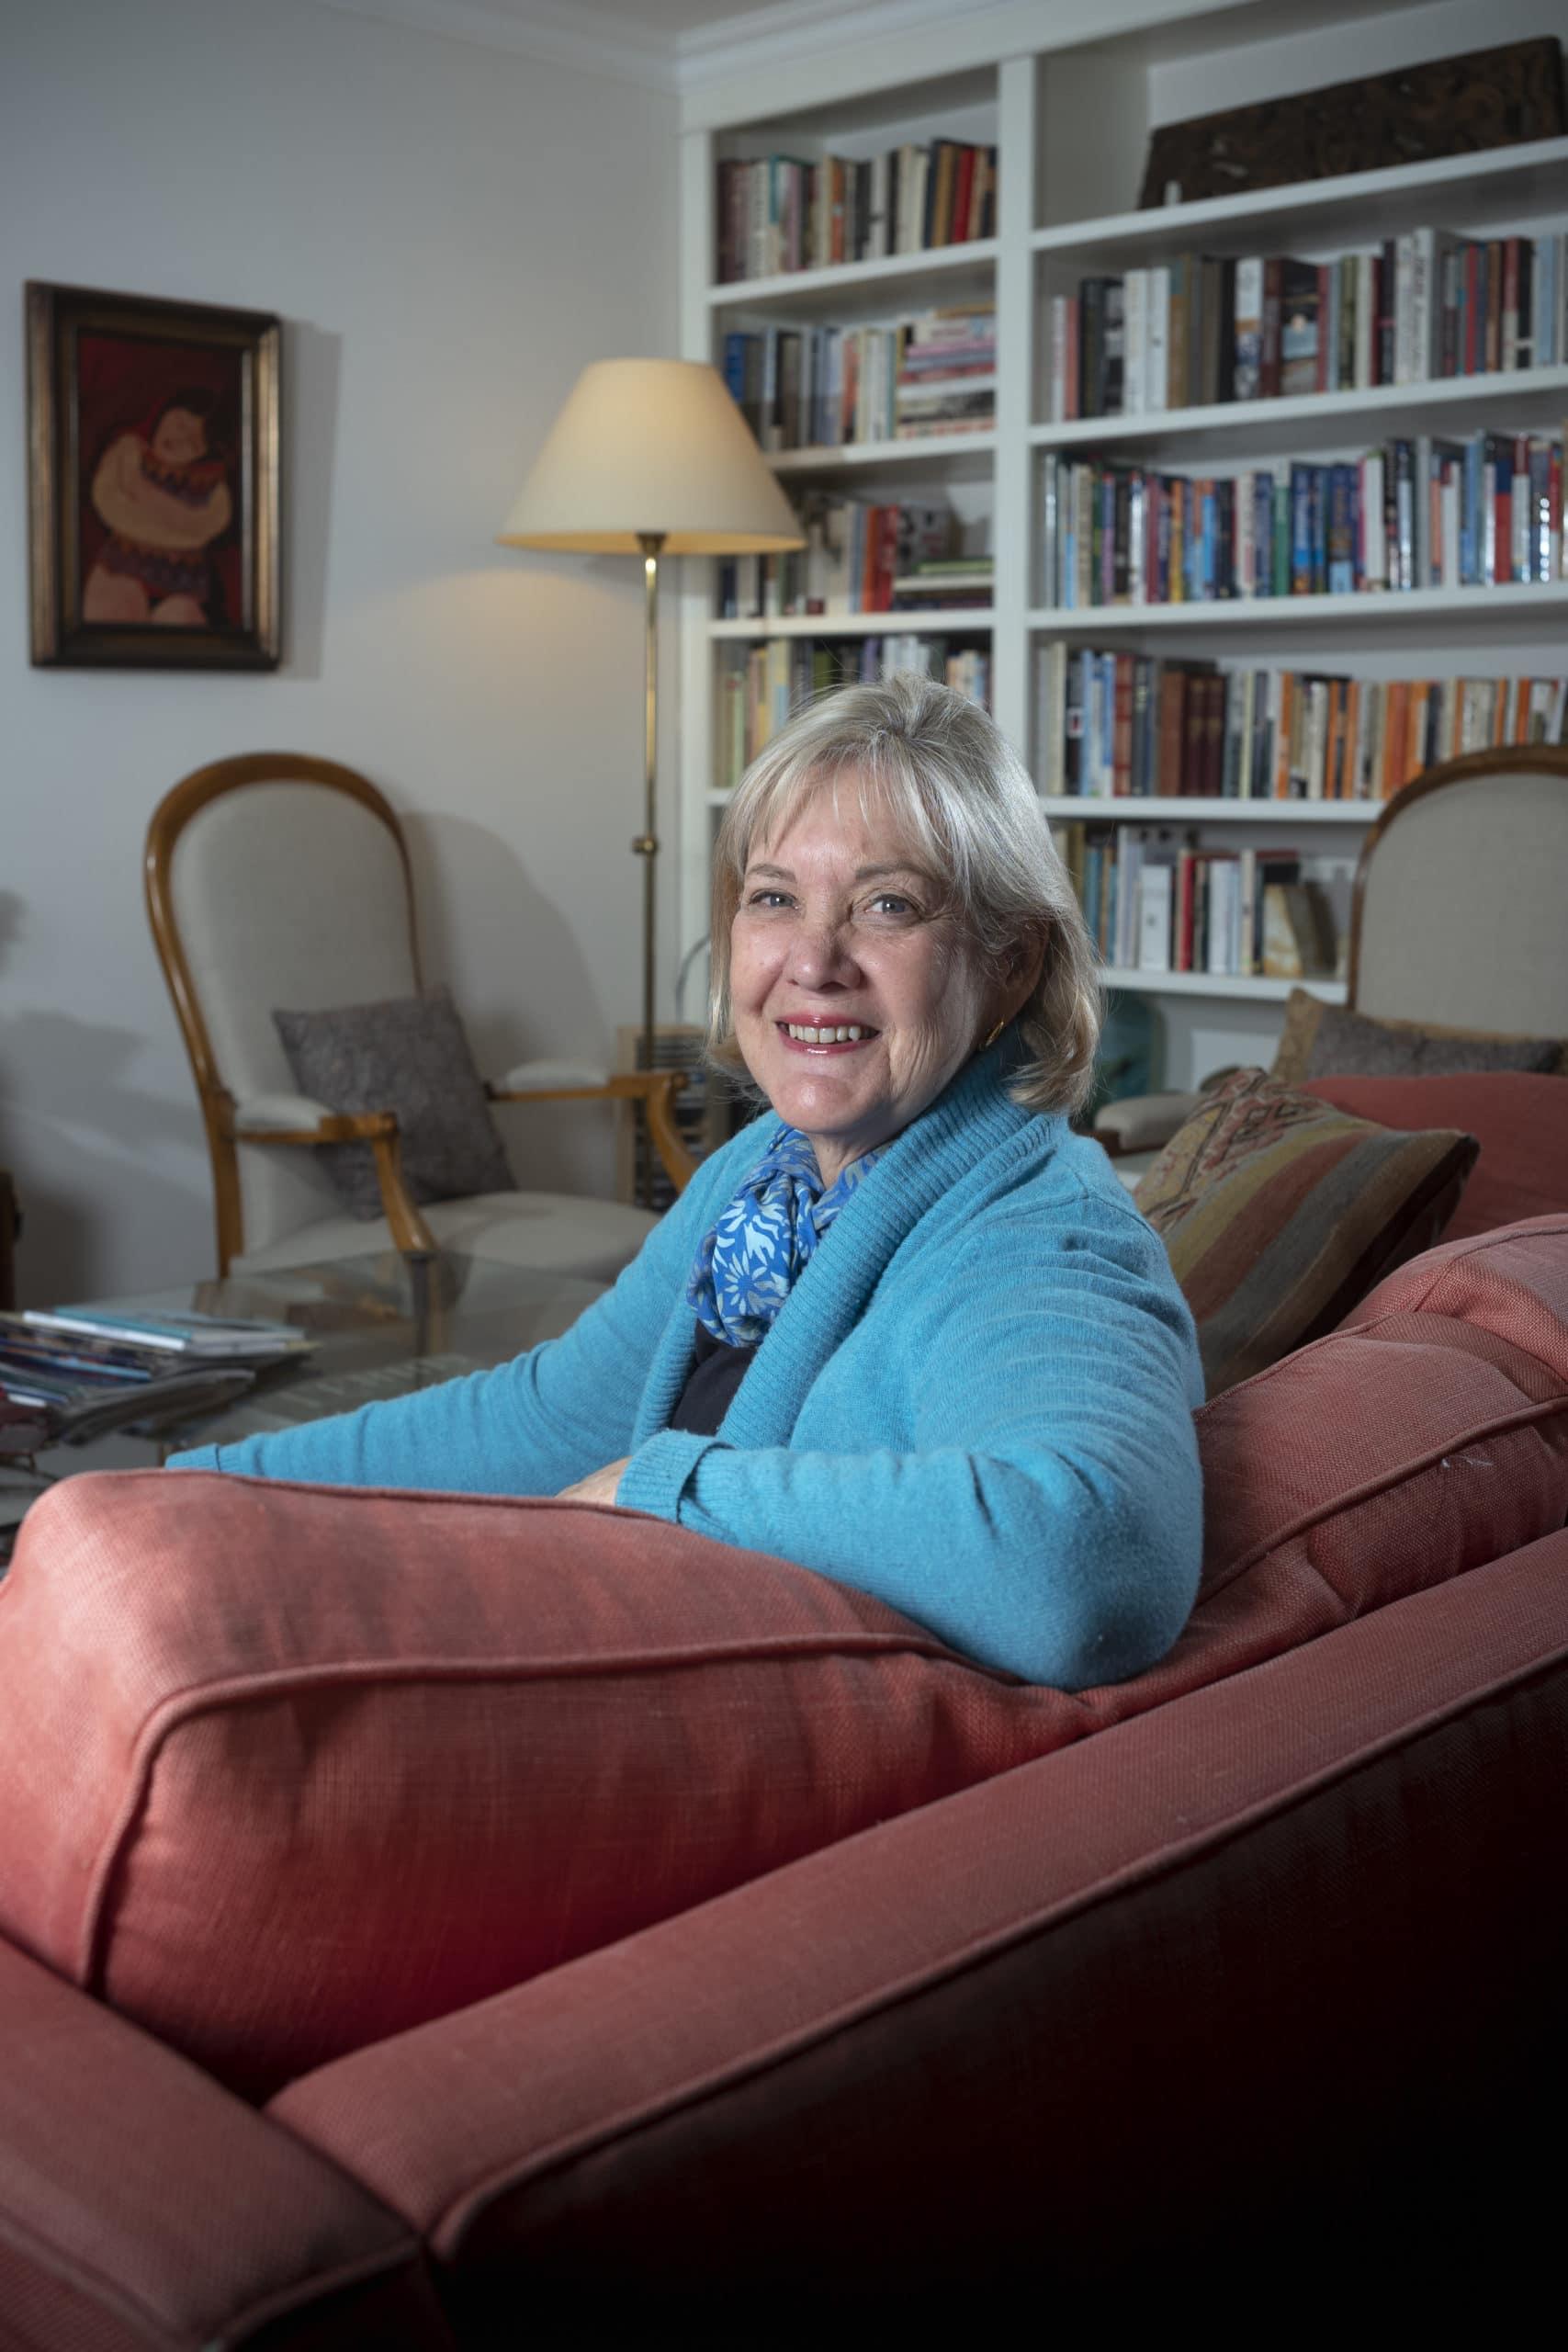 Portrait de Linda, membre du Forum Citoyen de Genève